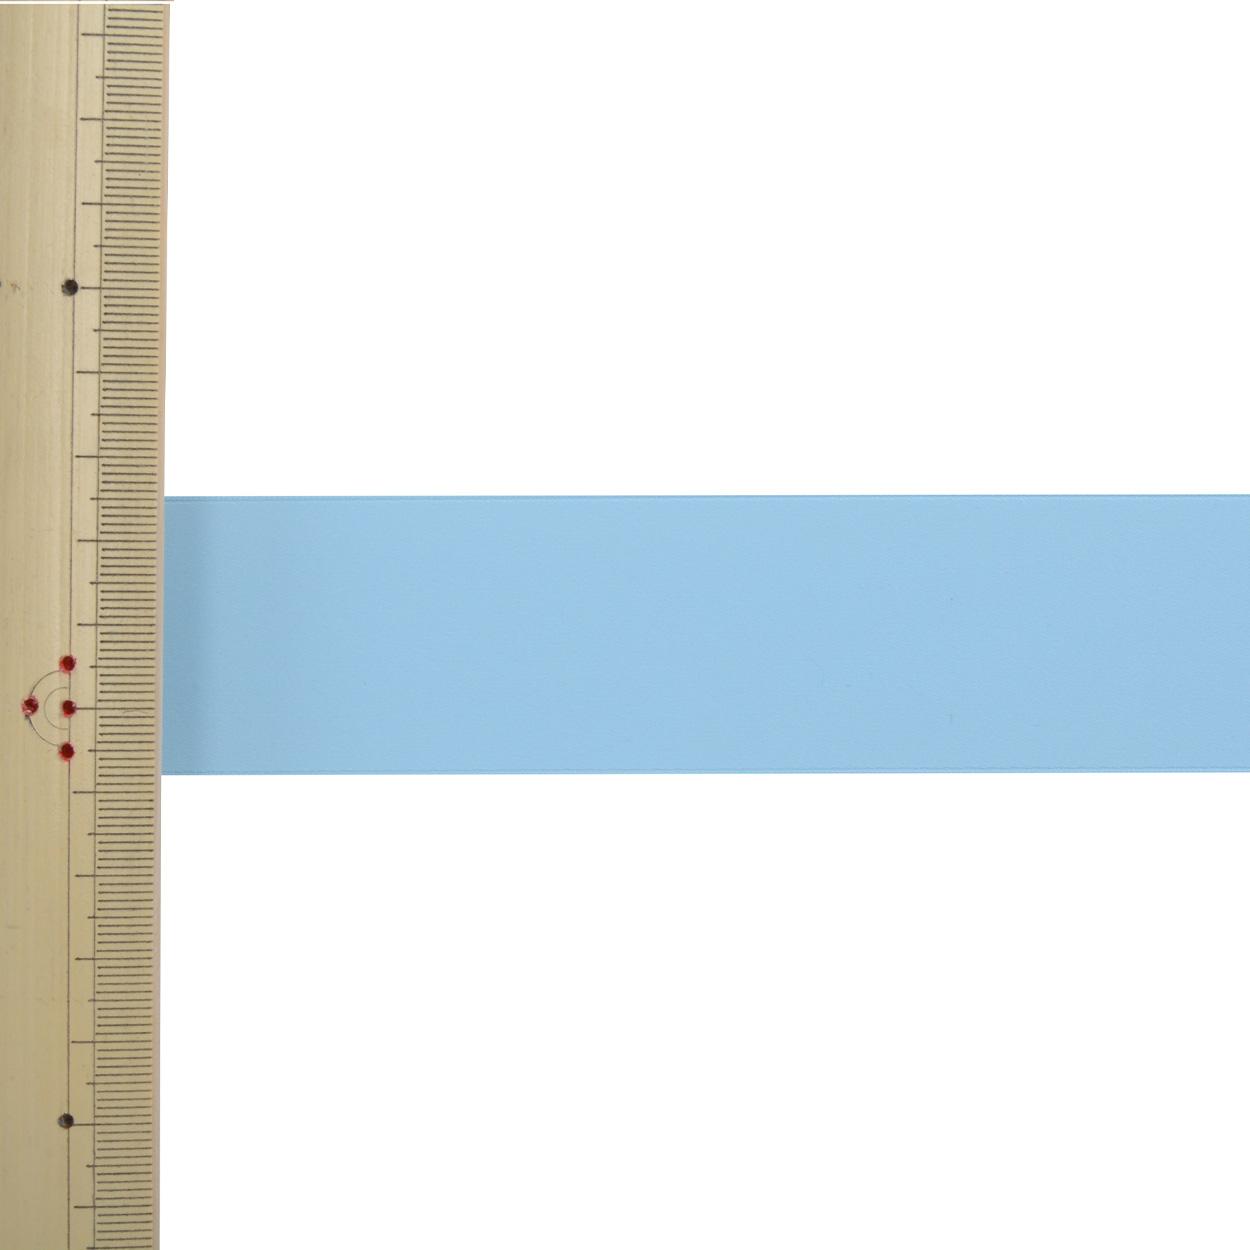 【数量5から】 リボン 『両面フルダルサテンリボン #2250 幅約3.6cm 70番色』